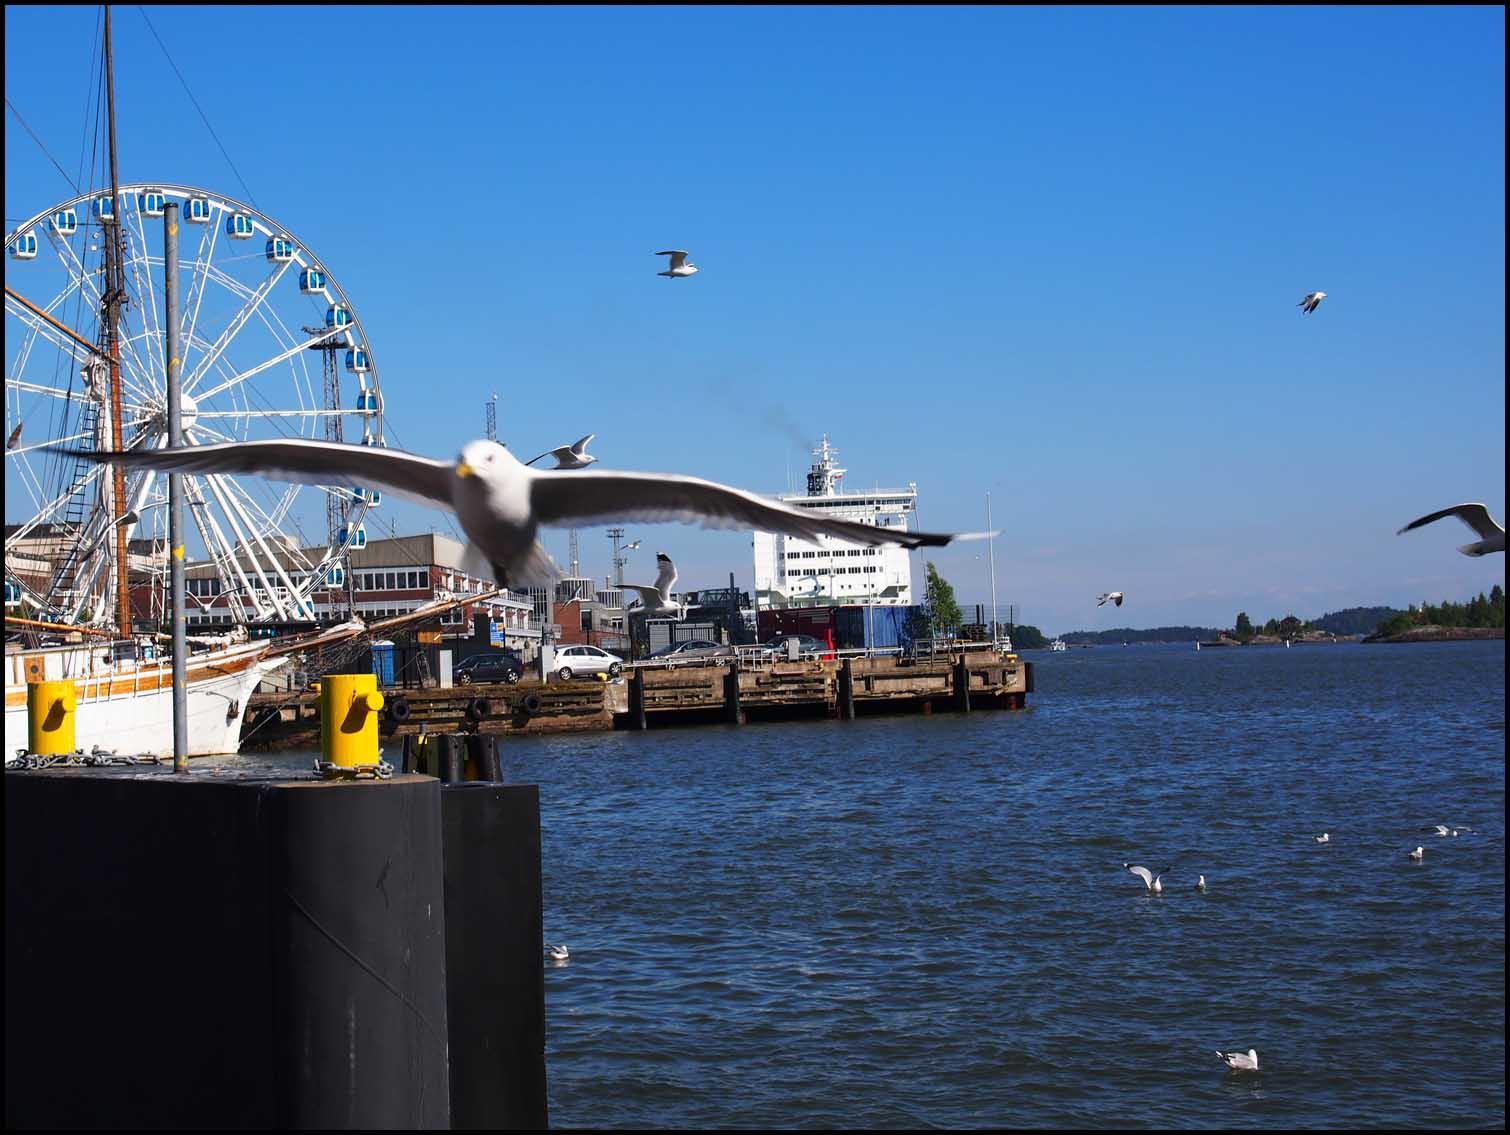 Seagull Scene, Helsinki Harbour